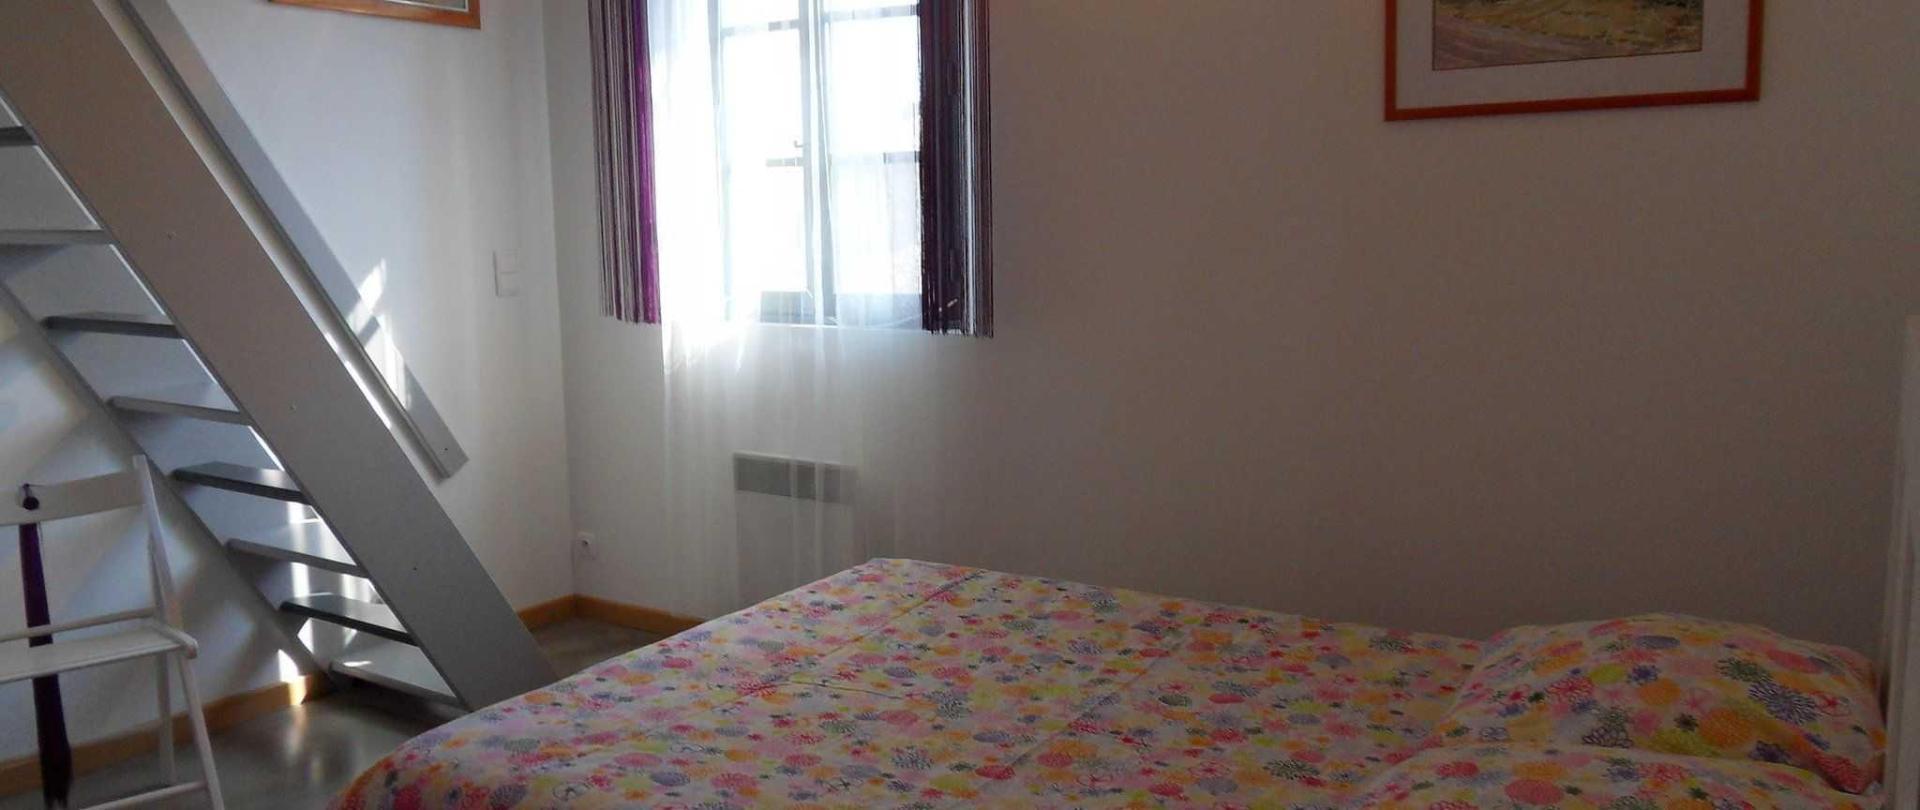 chambre-lamanou-en-duplex-1.JPG